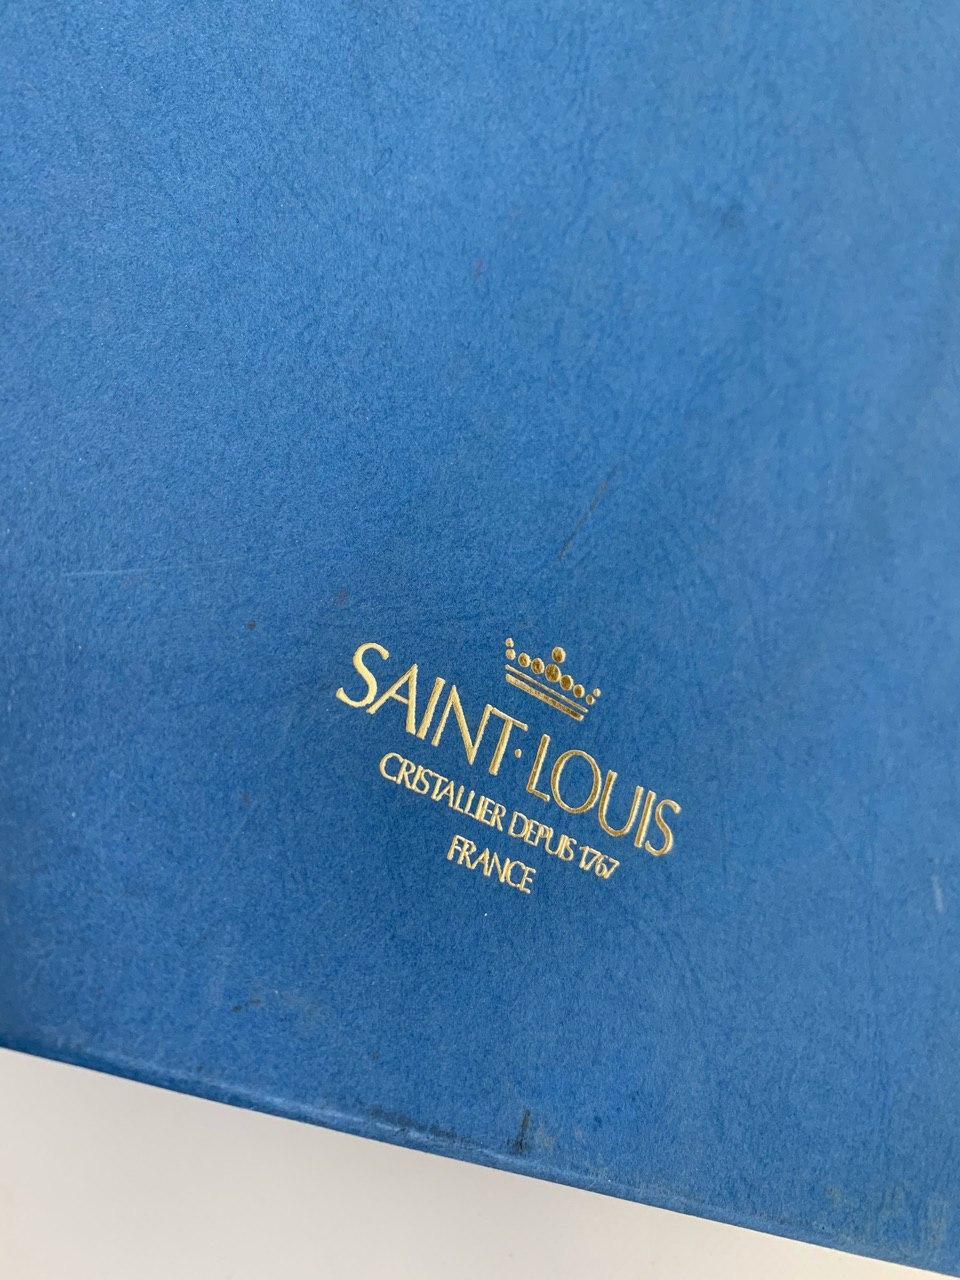 Винтажный хрустальный графин со стаканом на ночной столик, от Saint-Louis